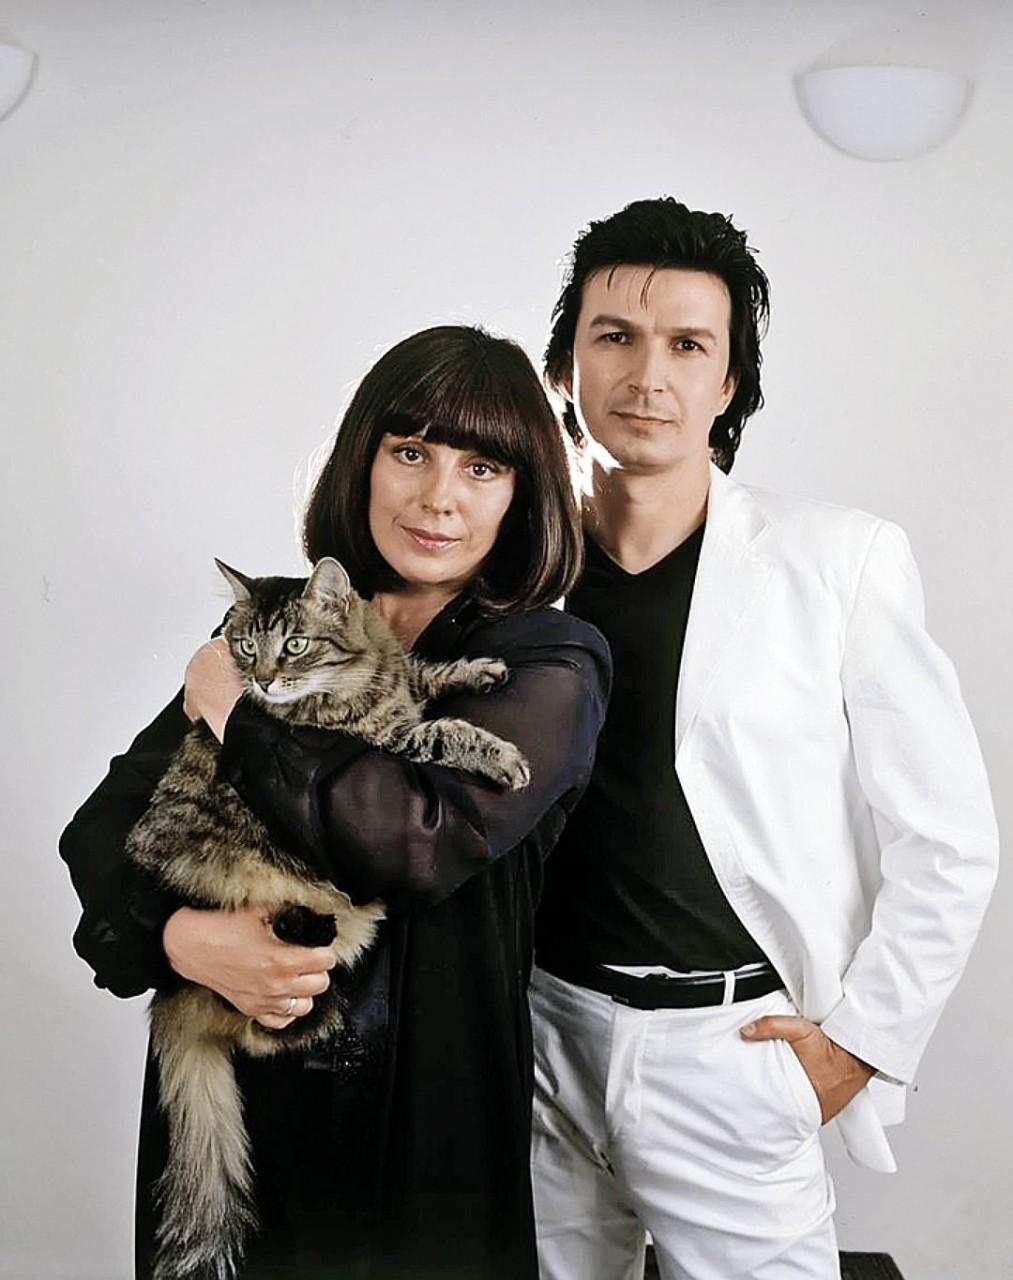 По словам певца Алексея Зардинова, они с Натальей Варлей в последние годы были очень близки. Фото: Личный архив